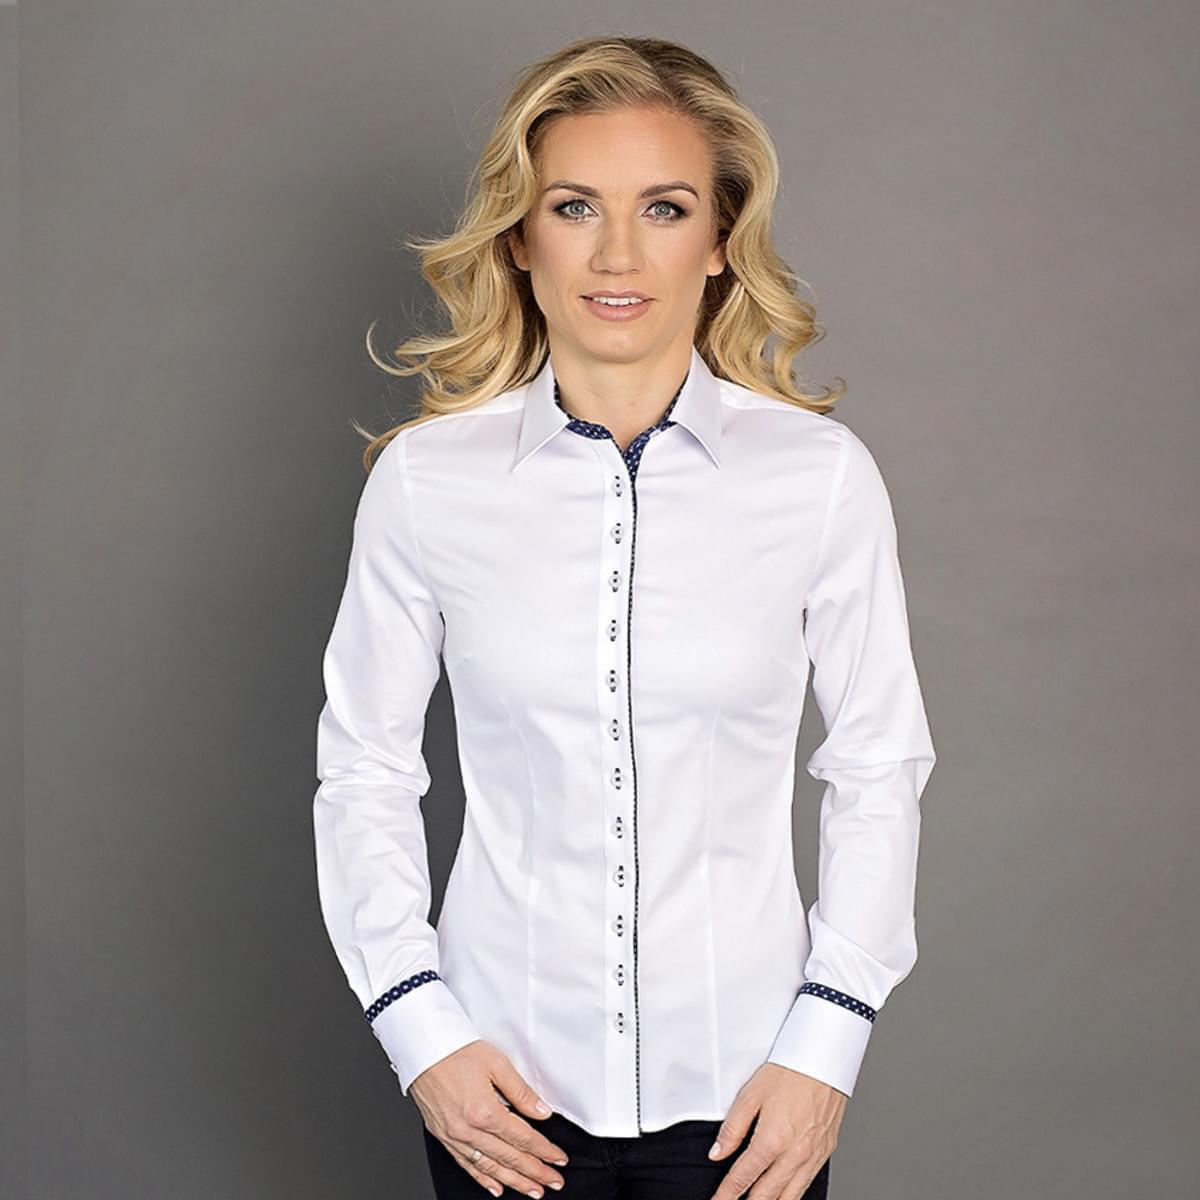 Dámská košile Willsoor 6400 v bílé barvě s klasickým límečkem 34